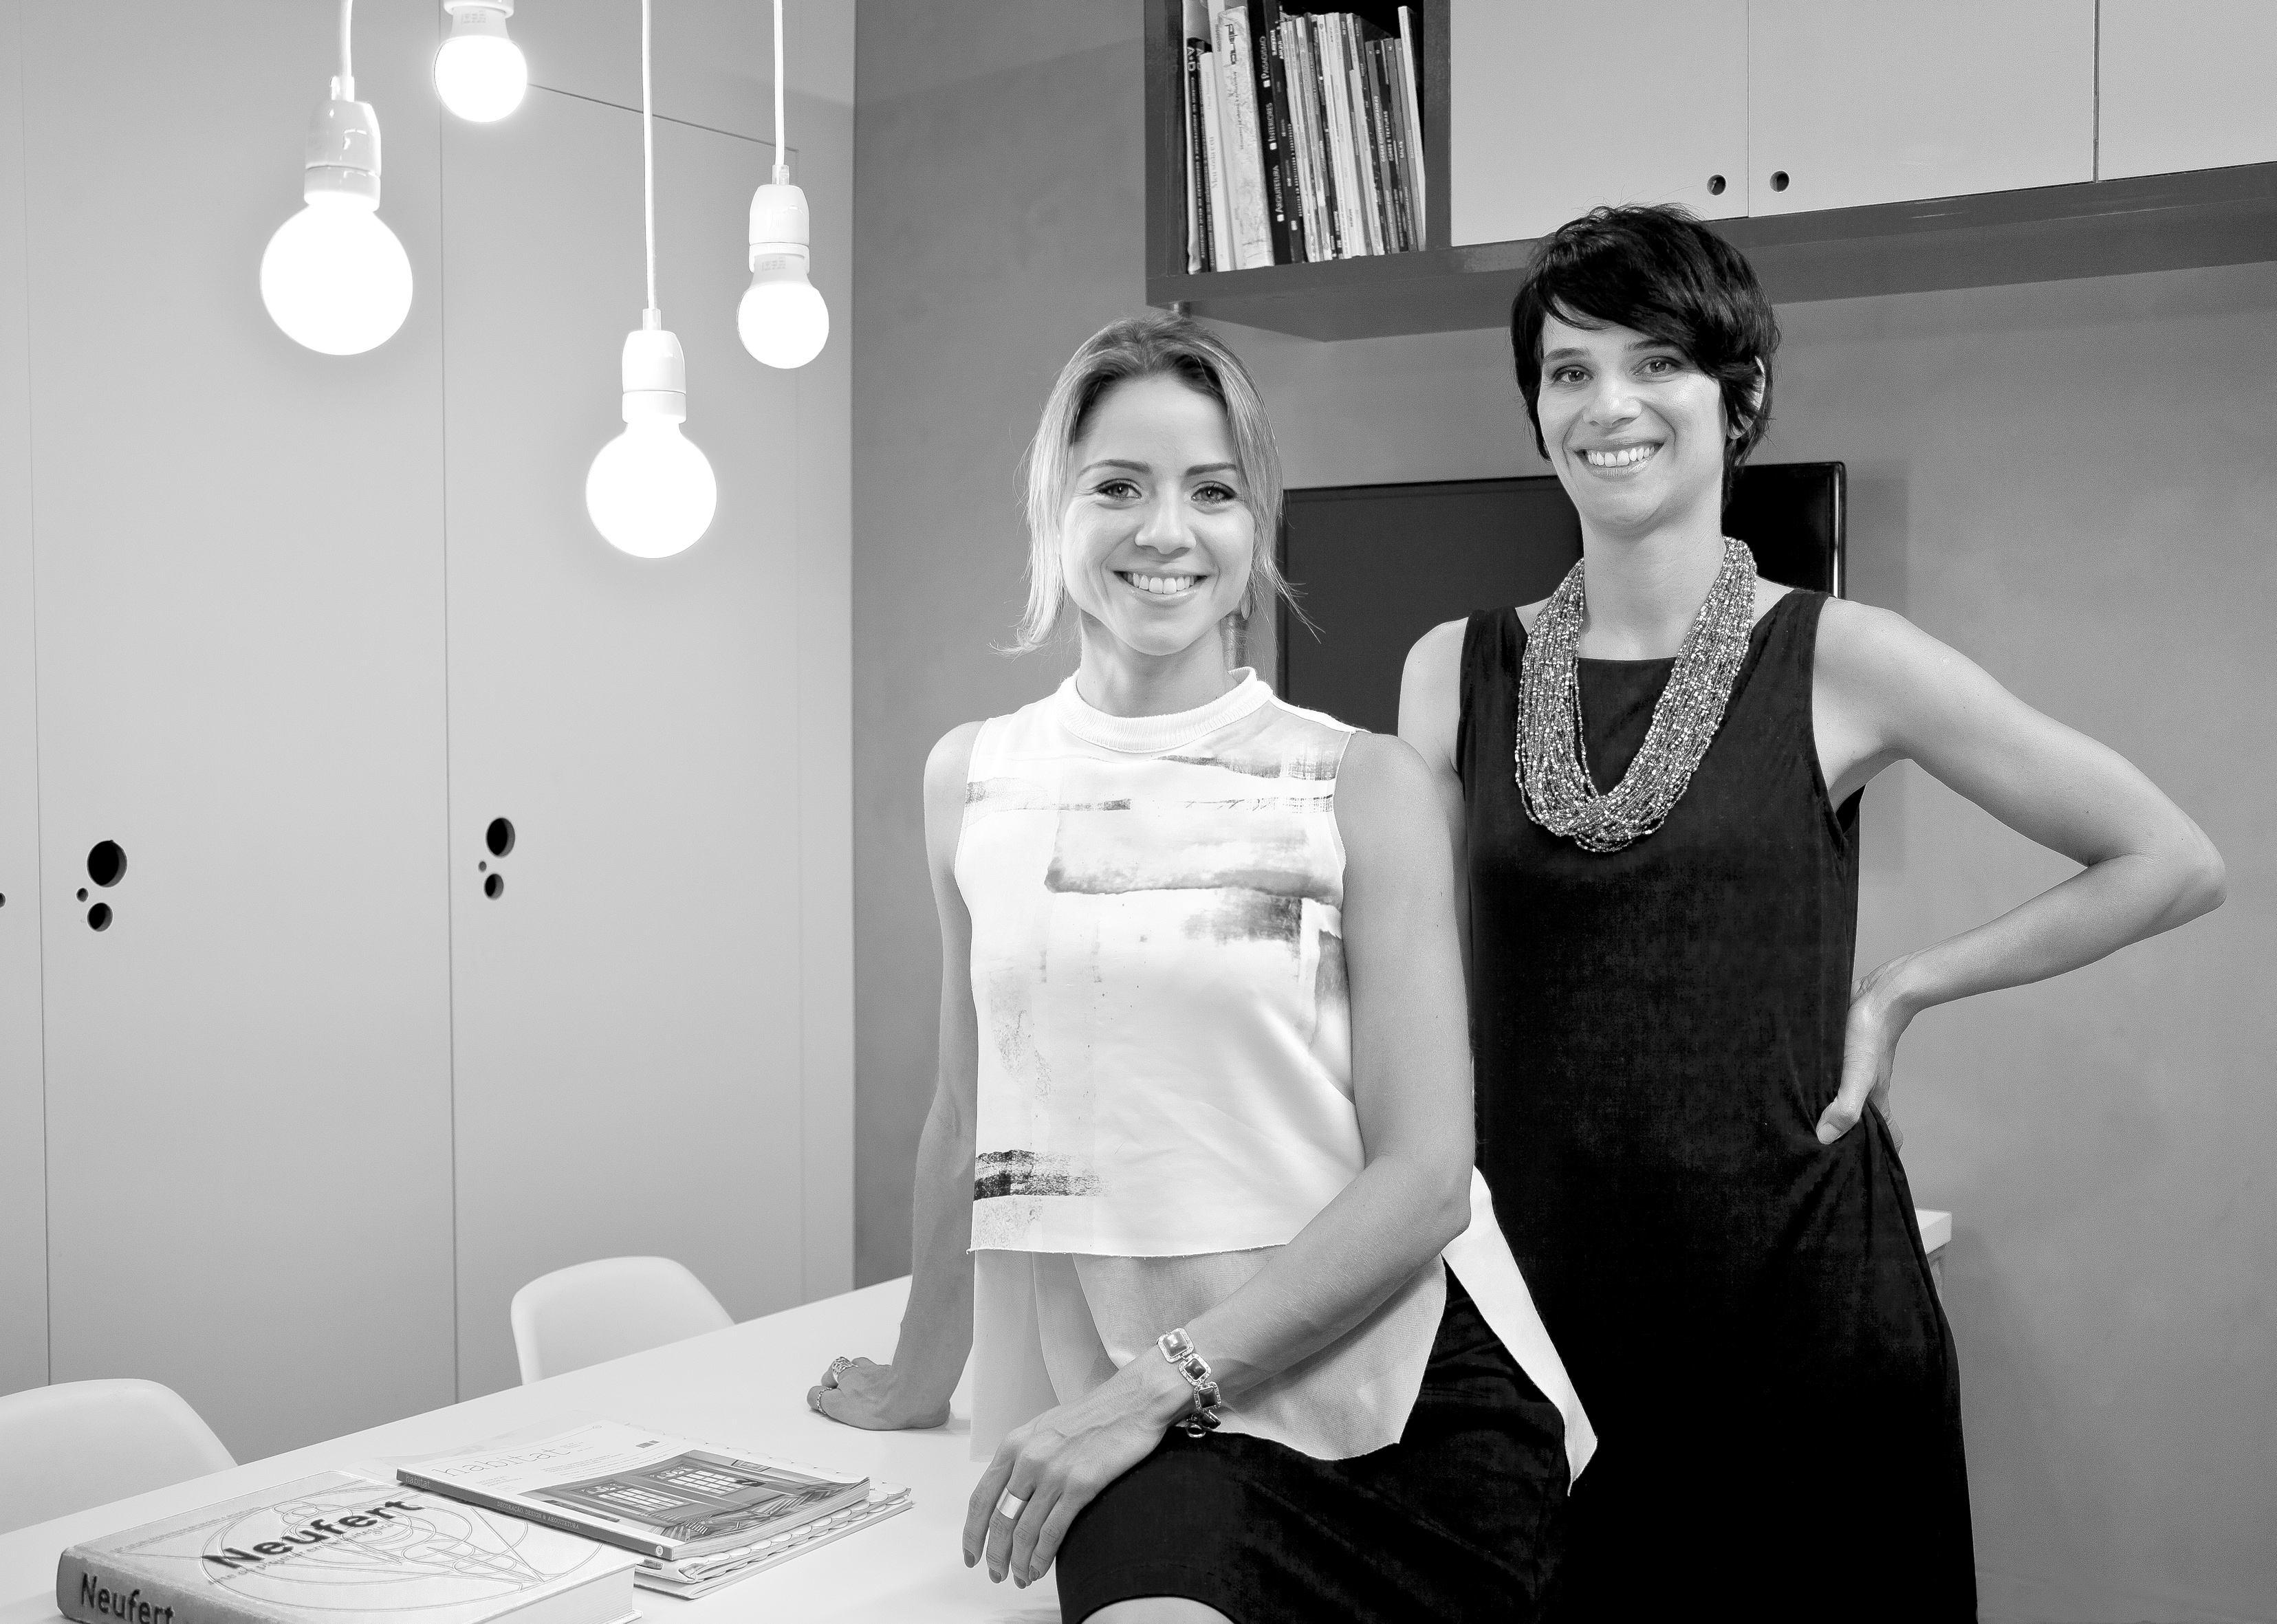 Natália Botelho e Paola Corteletti - Estúdio Simples - Crédito Fábio Cançado